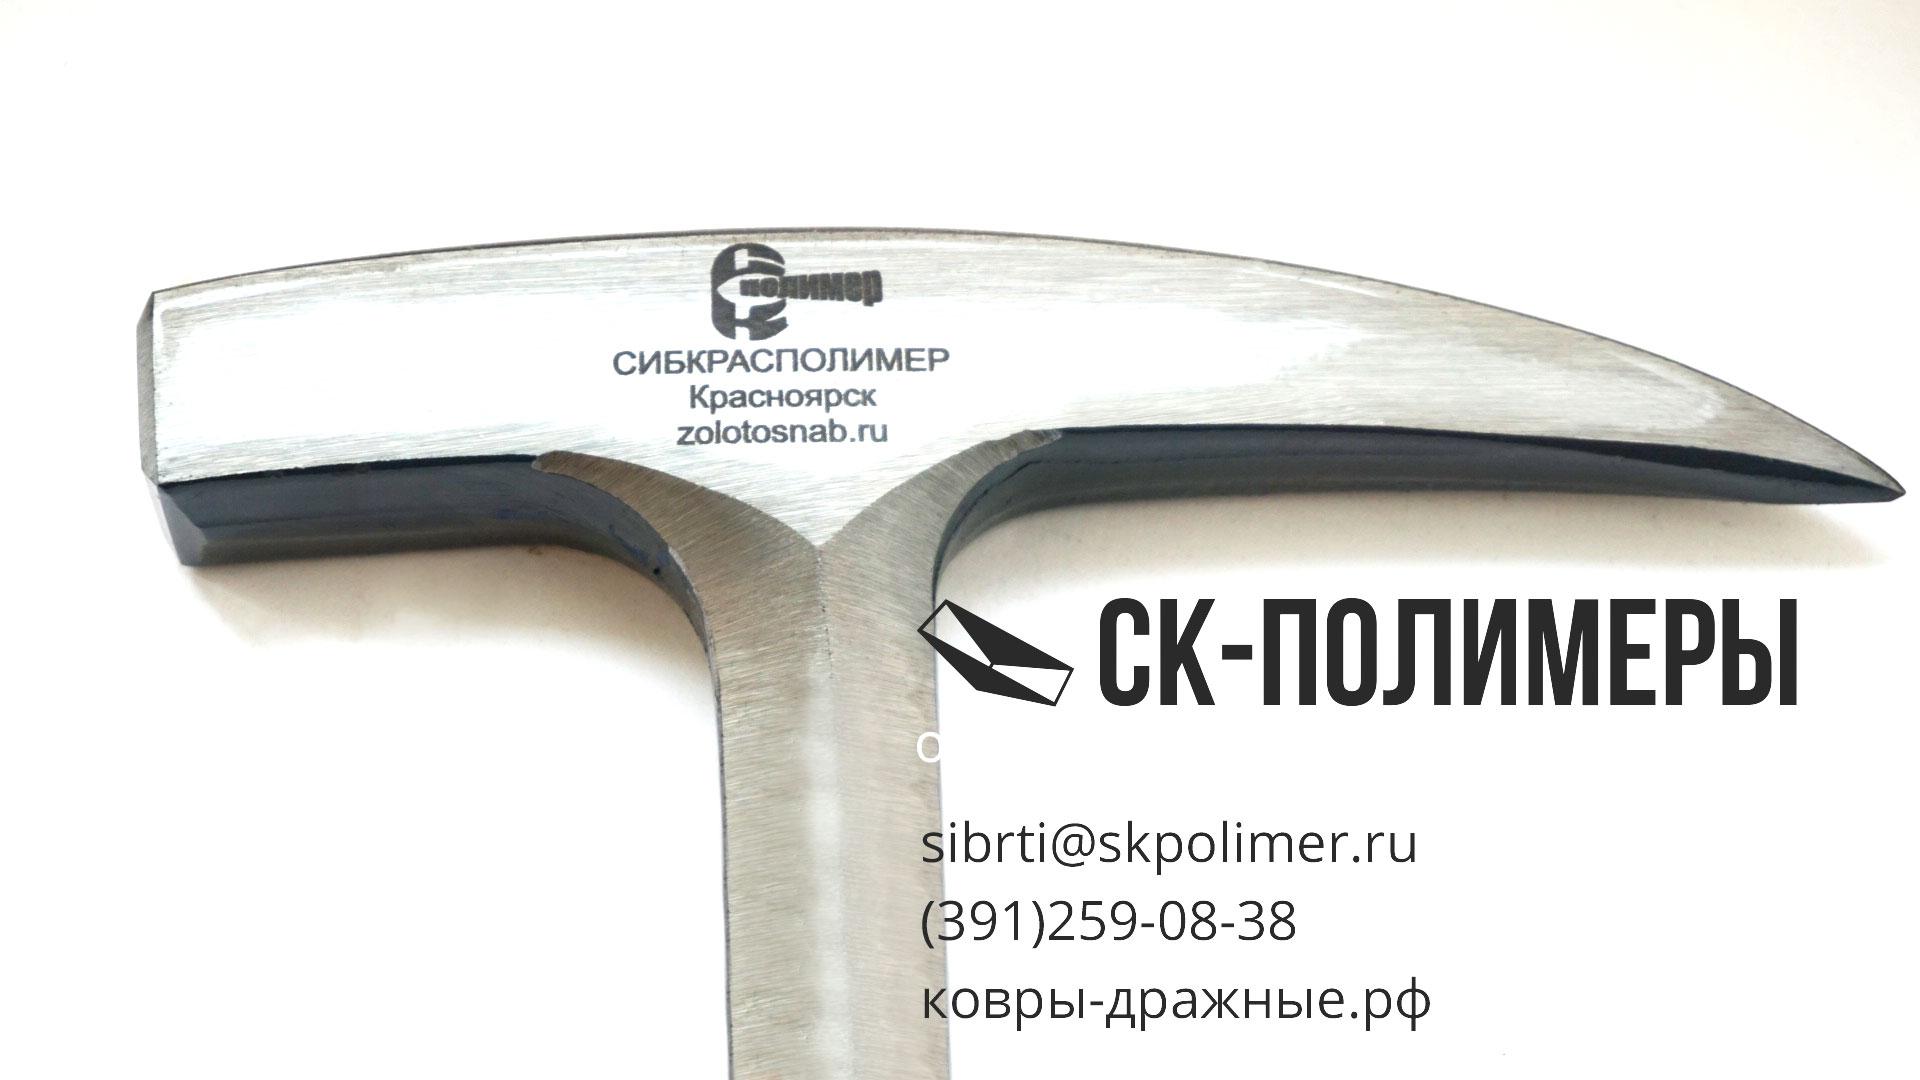 Геологический молоток Safety Goggles ск полимер